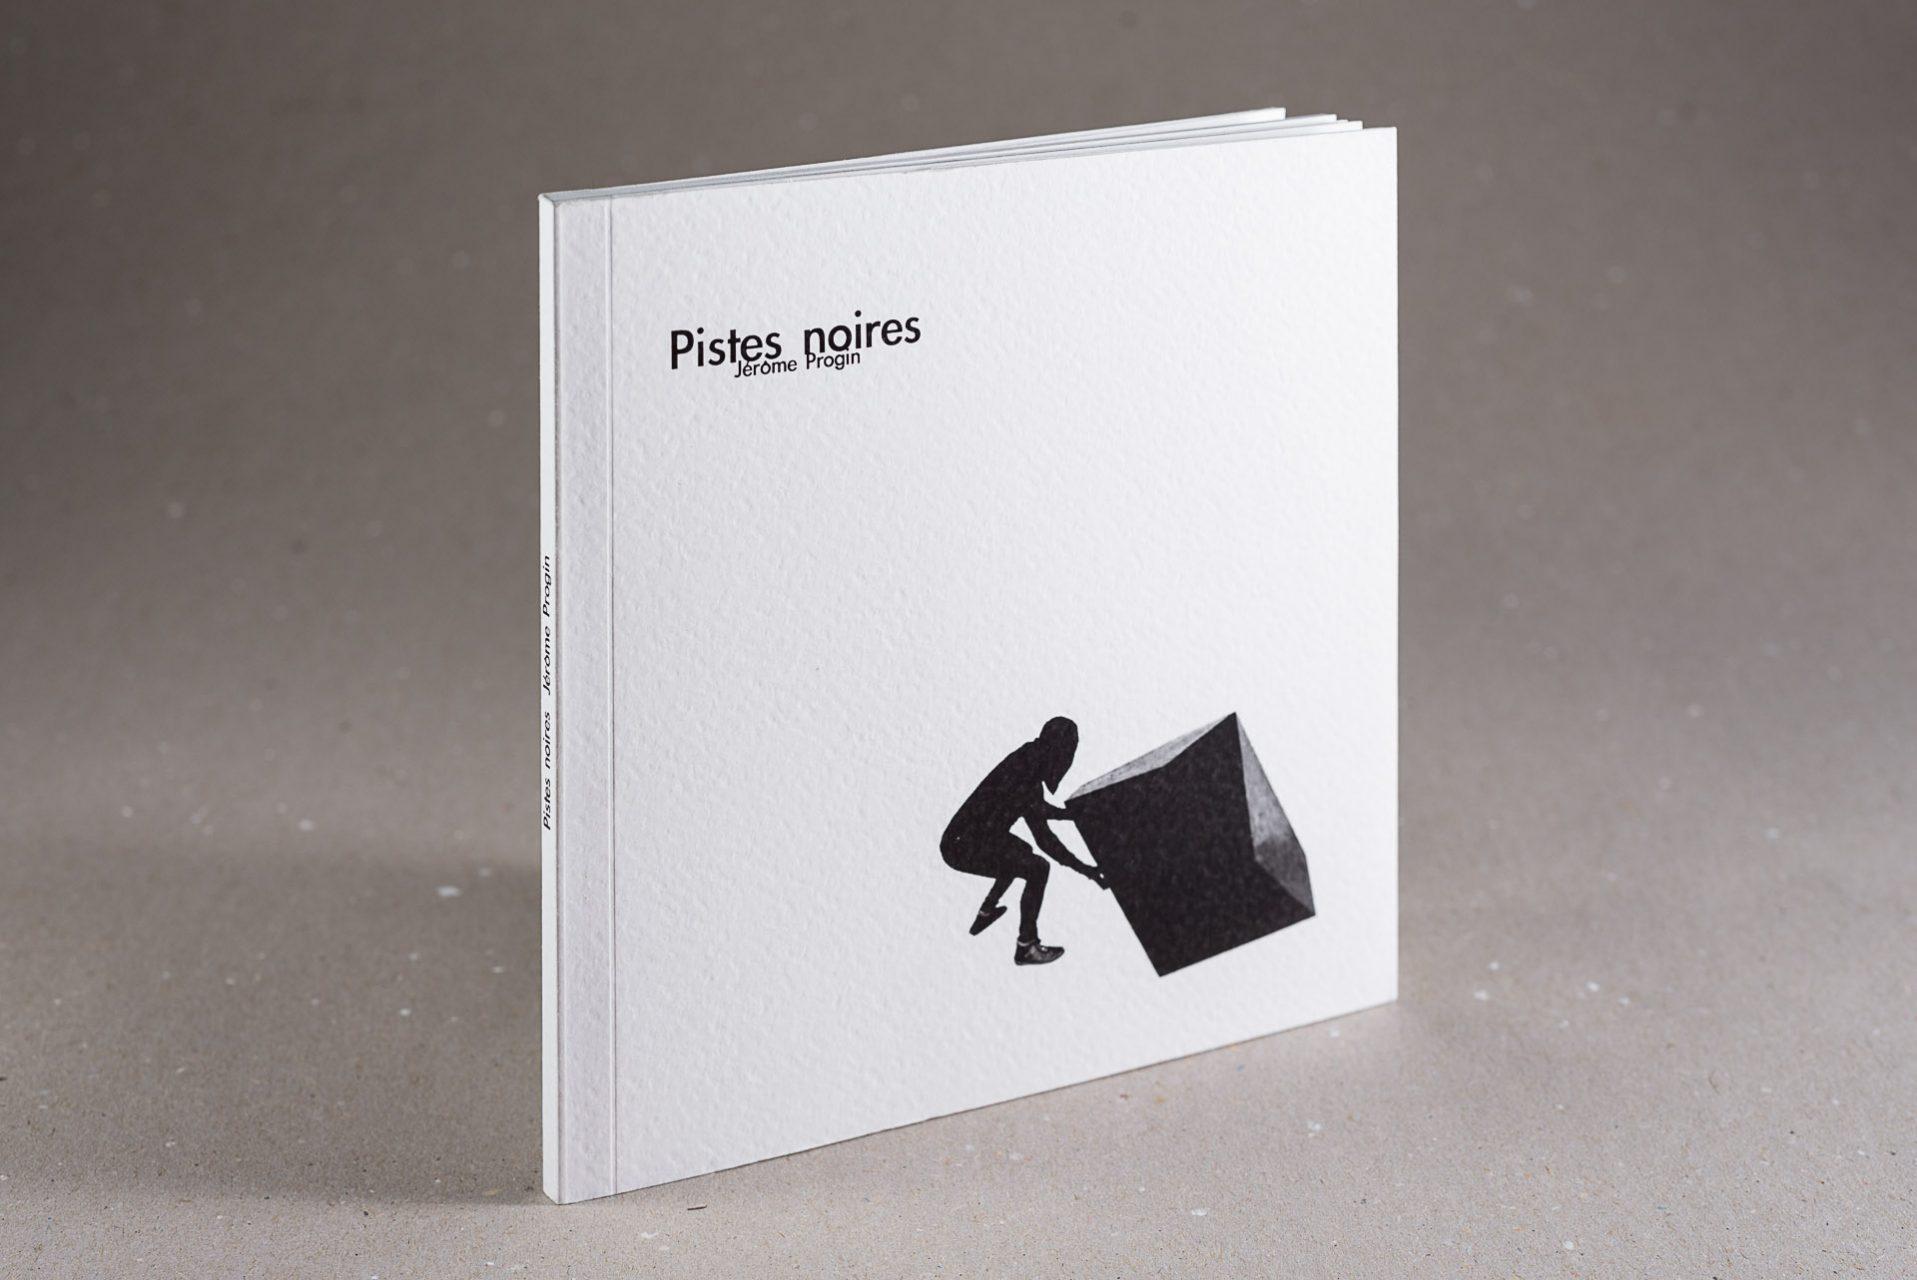 web-hd-nuit-myrtide-livre-pistes-noires-jerome-progin-01